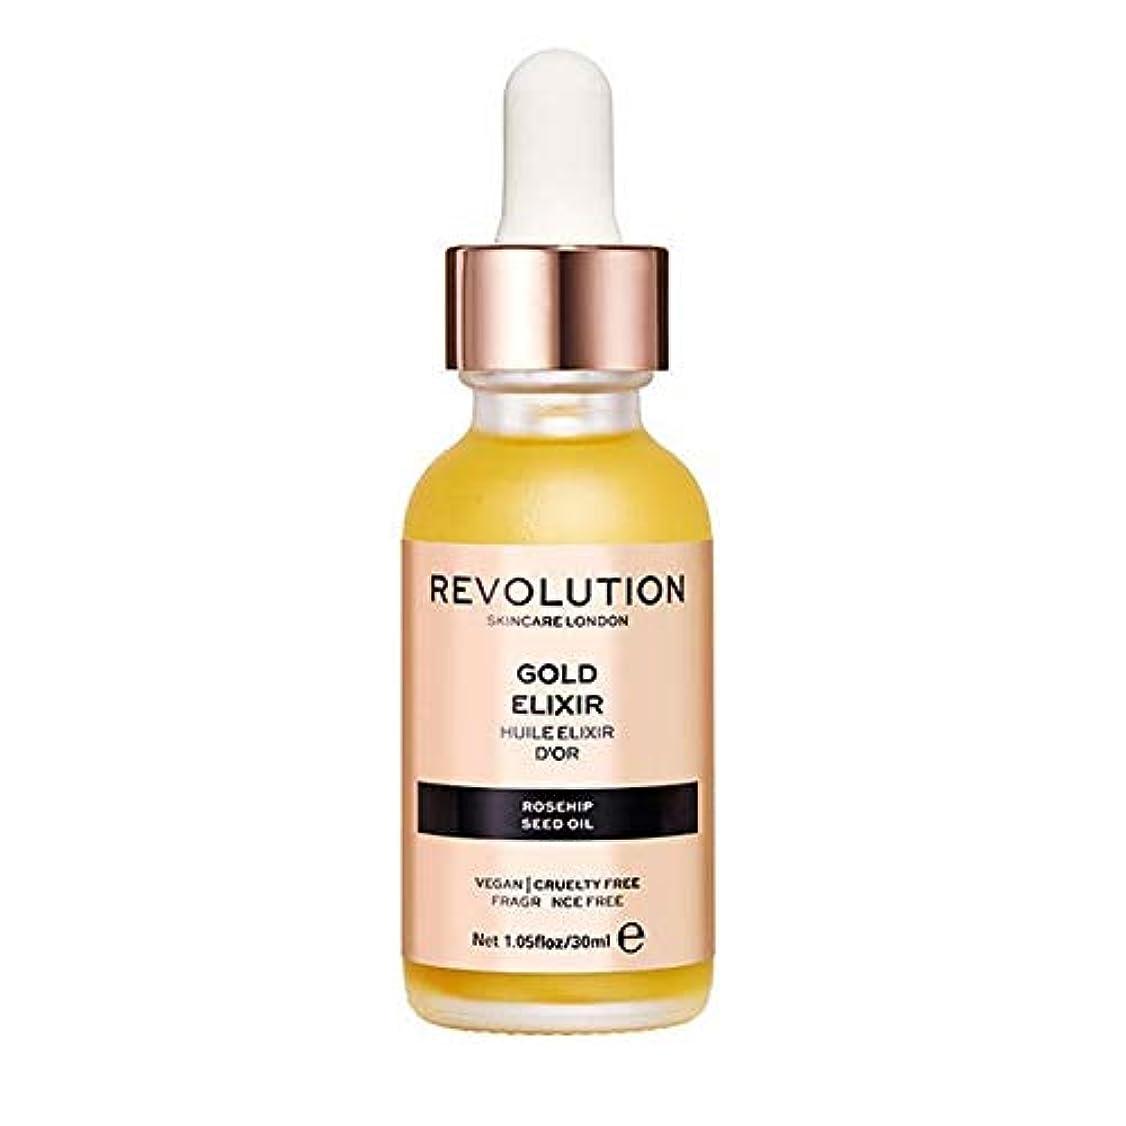 余剰渦熟練した[Revolution] 革命スキンケアローズヒップシードオイル - ゴールドエリクサー - Revolution Skincare Rosehip Seed Oil - Gold Elixir [並行輸入品]